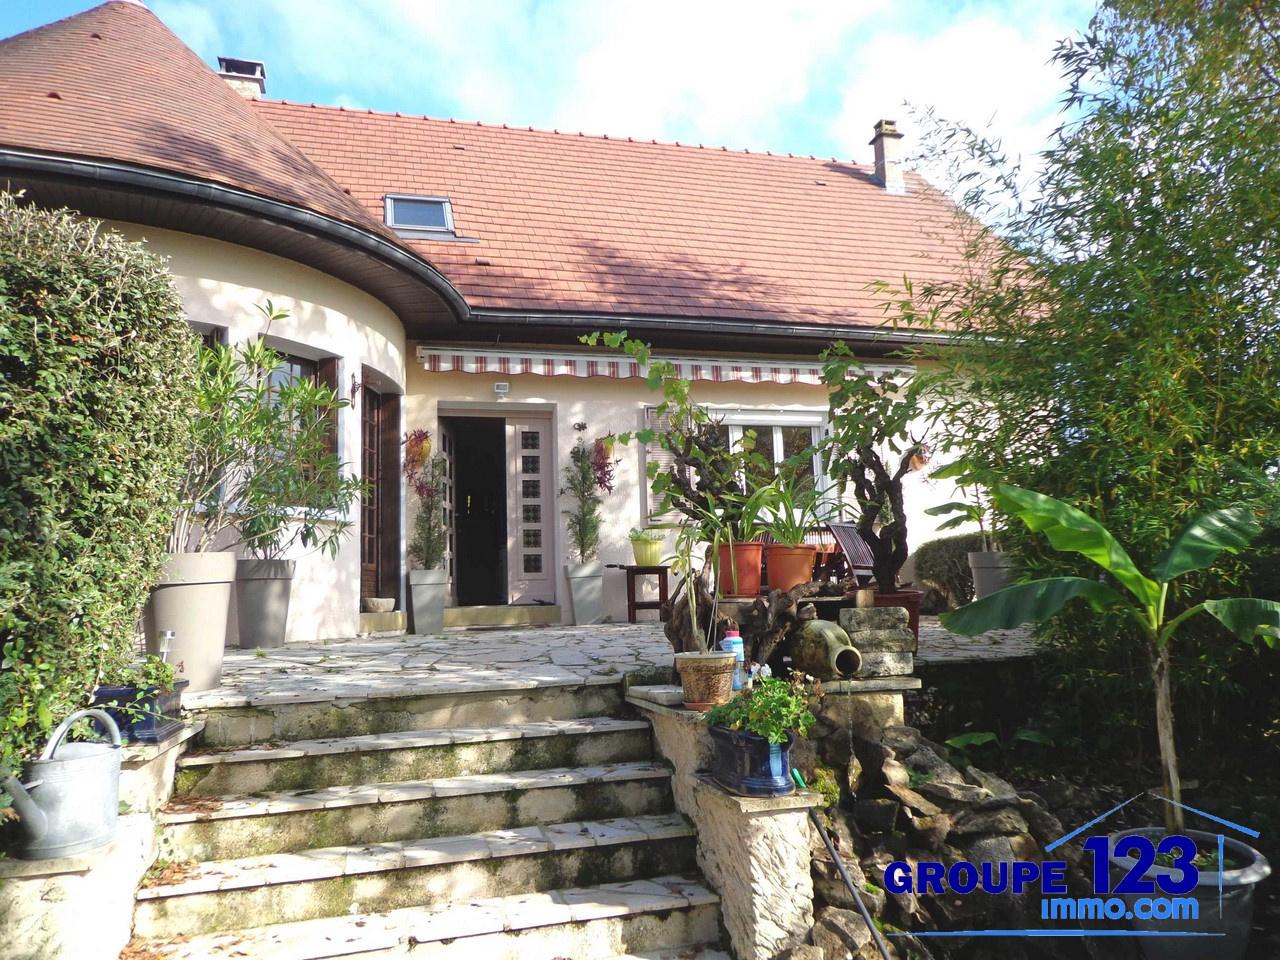 Location Maison Dans L Yonne – Maison Moderne